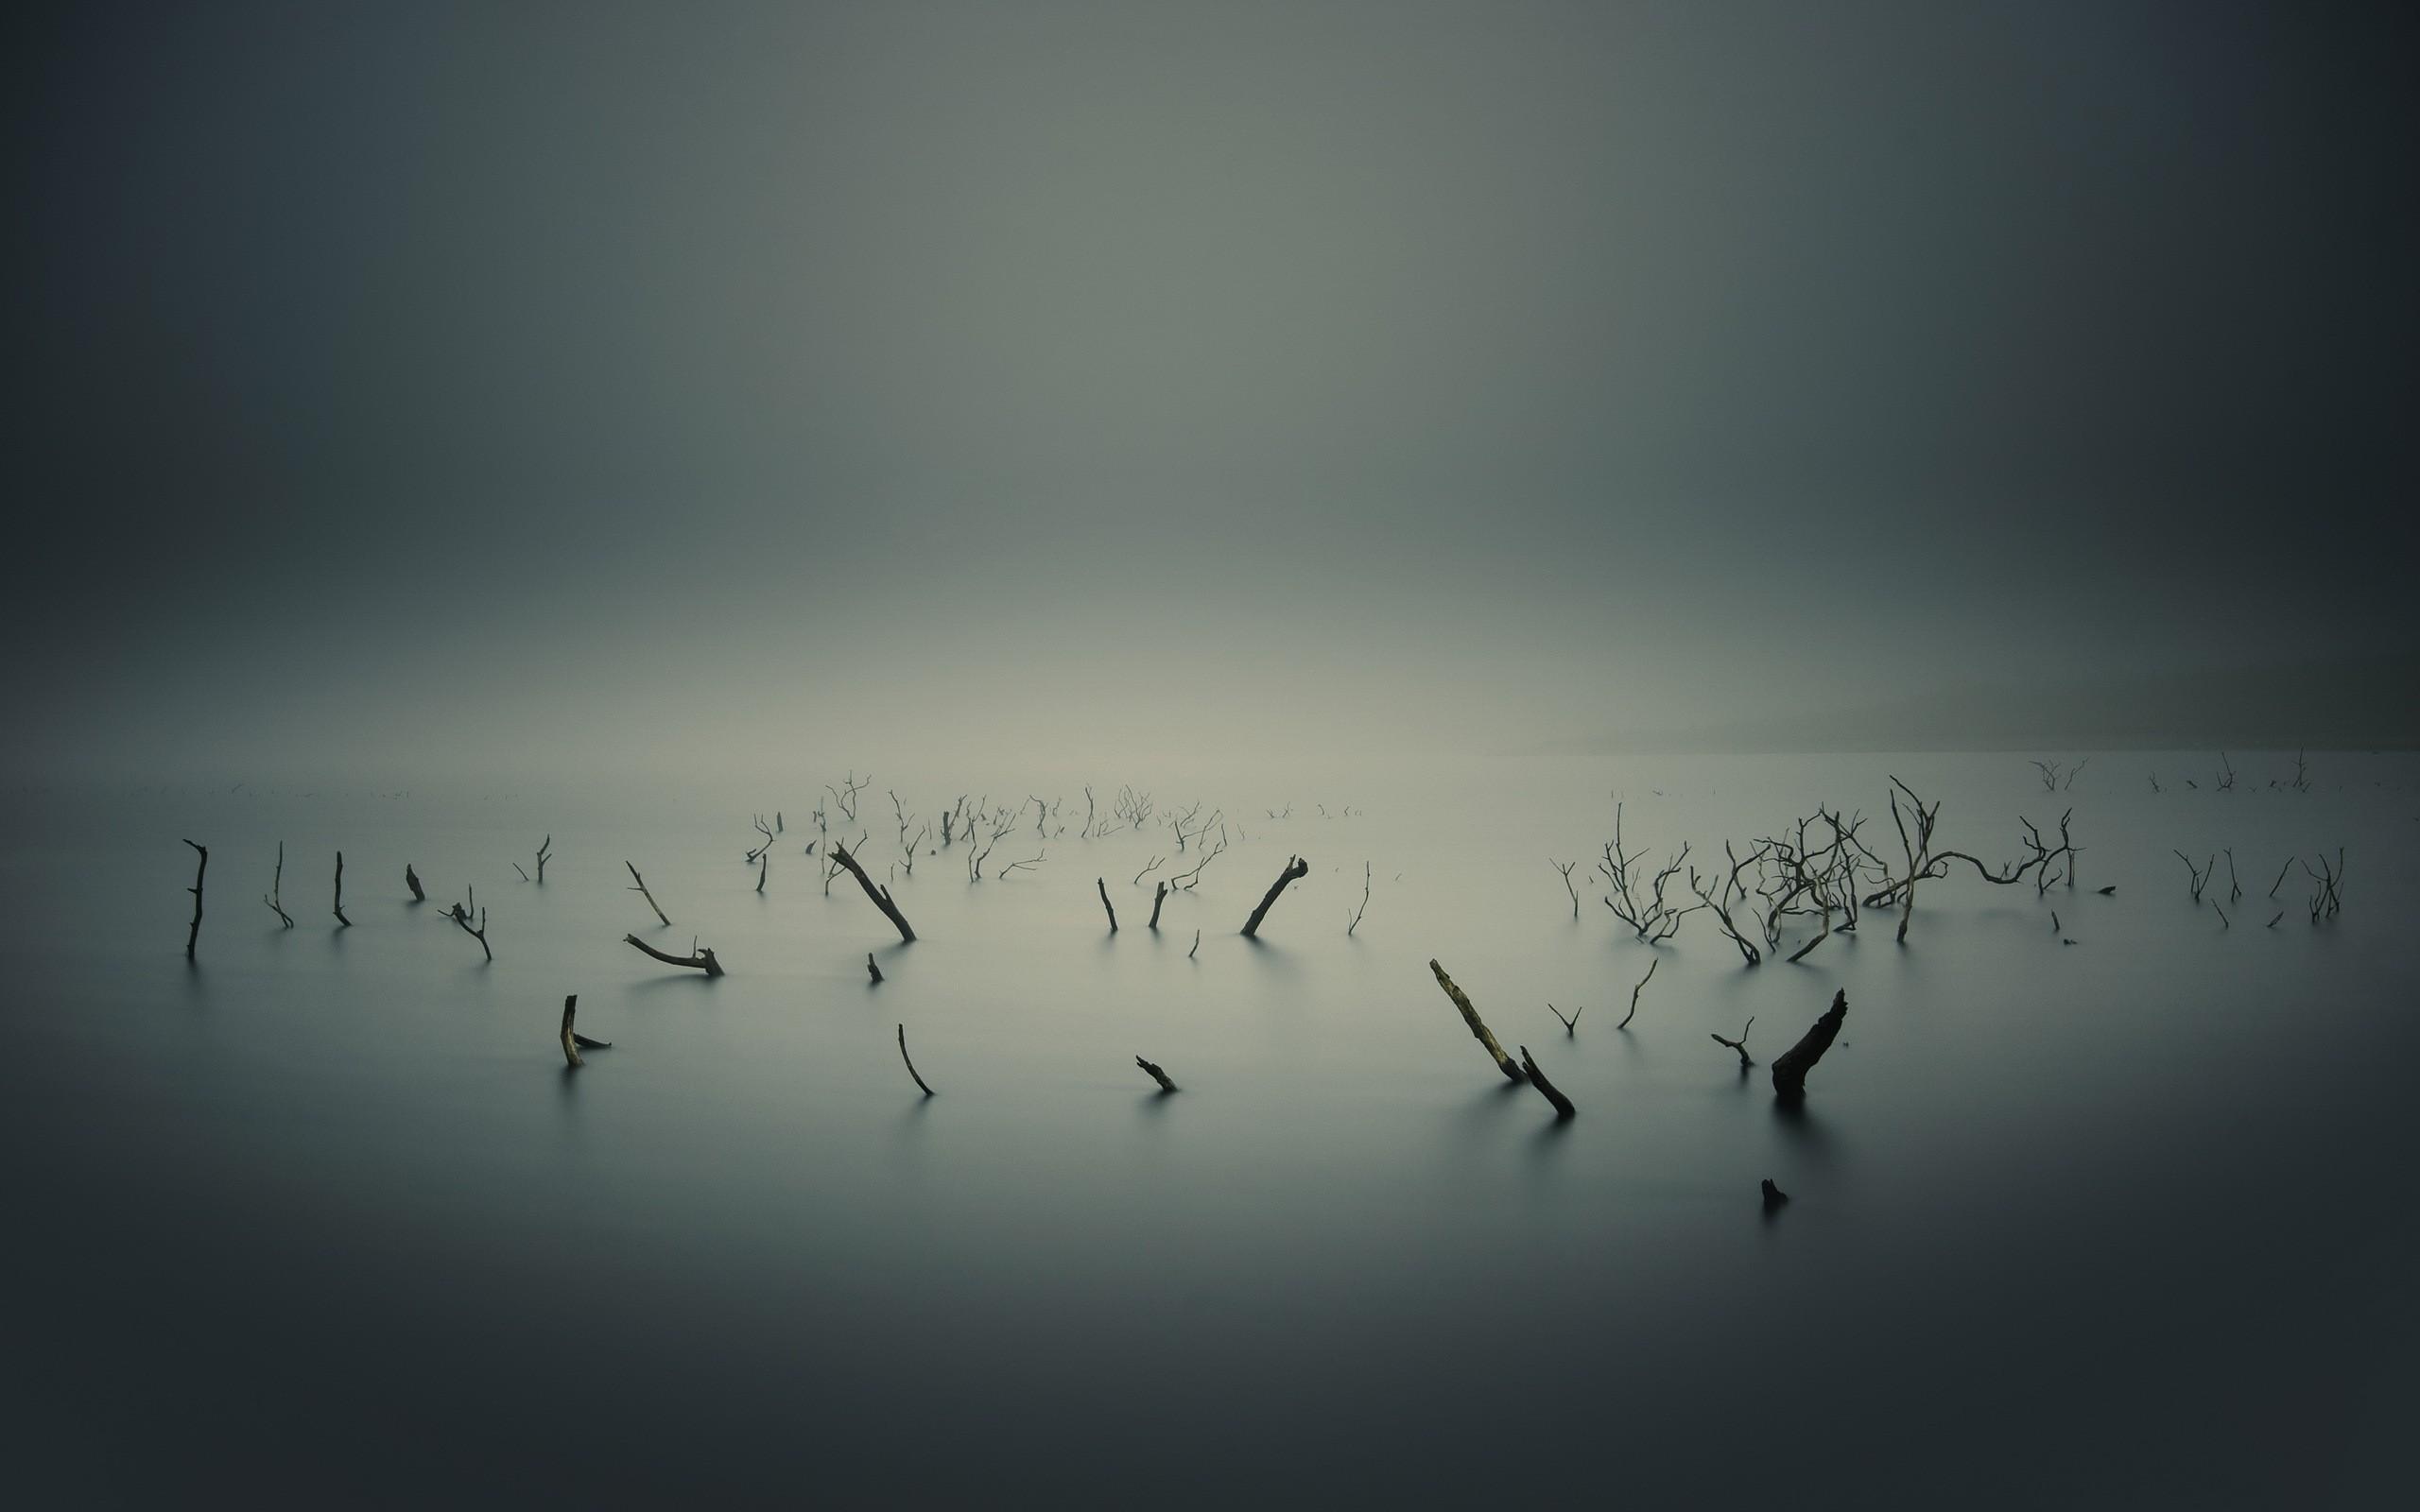 Картинка: Болото, туман, ветки, озеро, вода, корни